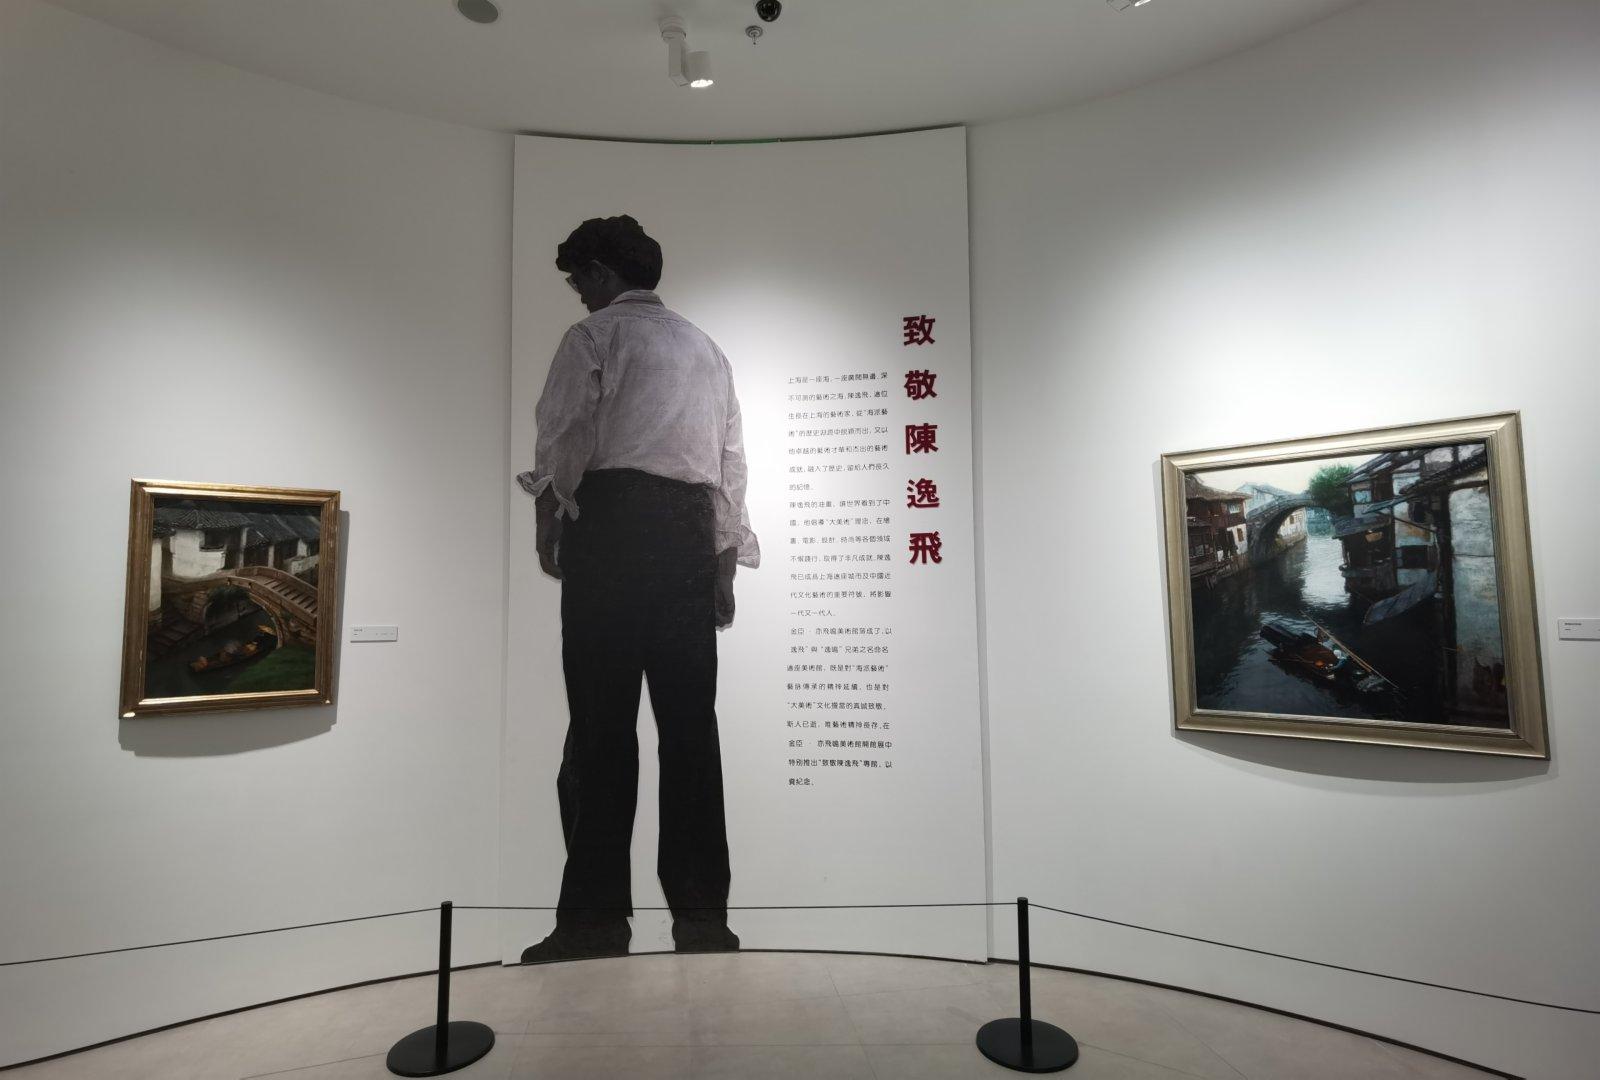 美術館內有專門致敬陳逸飛的空間。記者張帆 攝